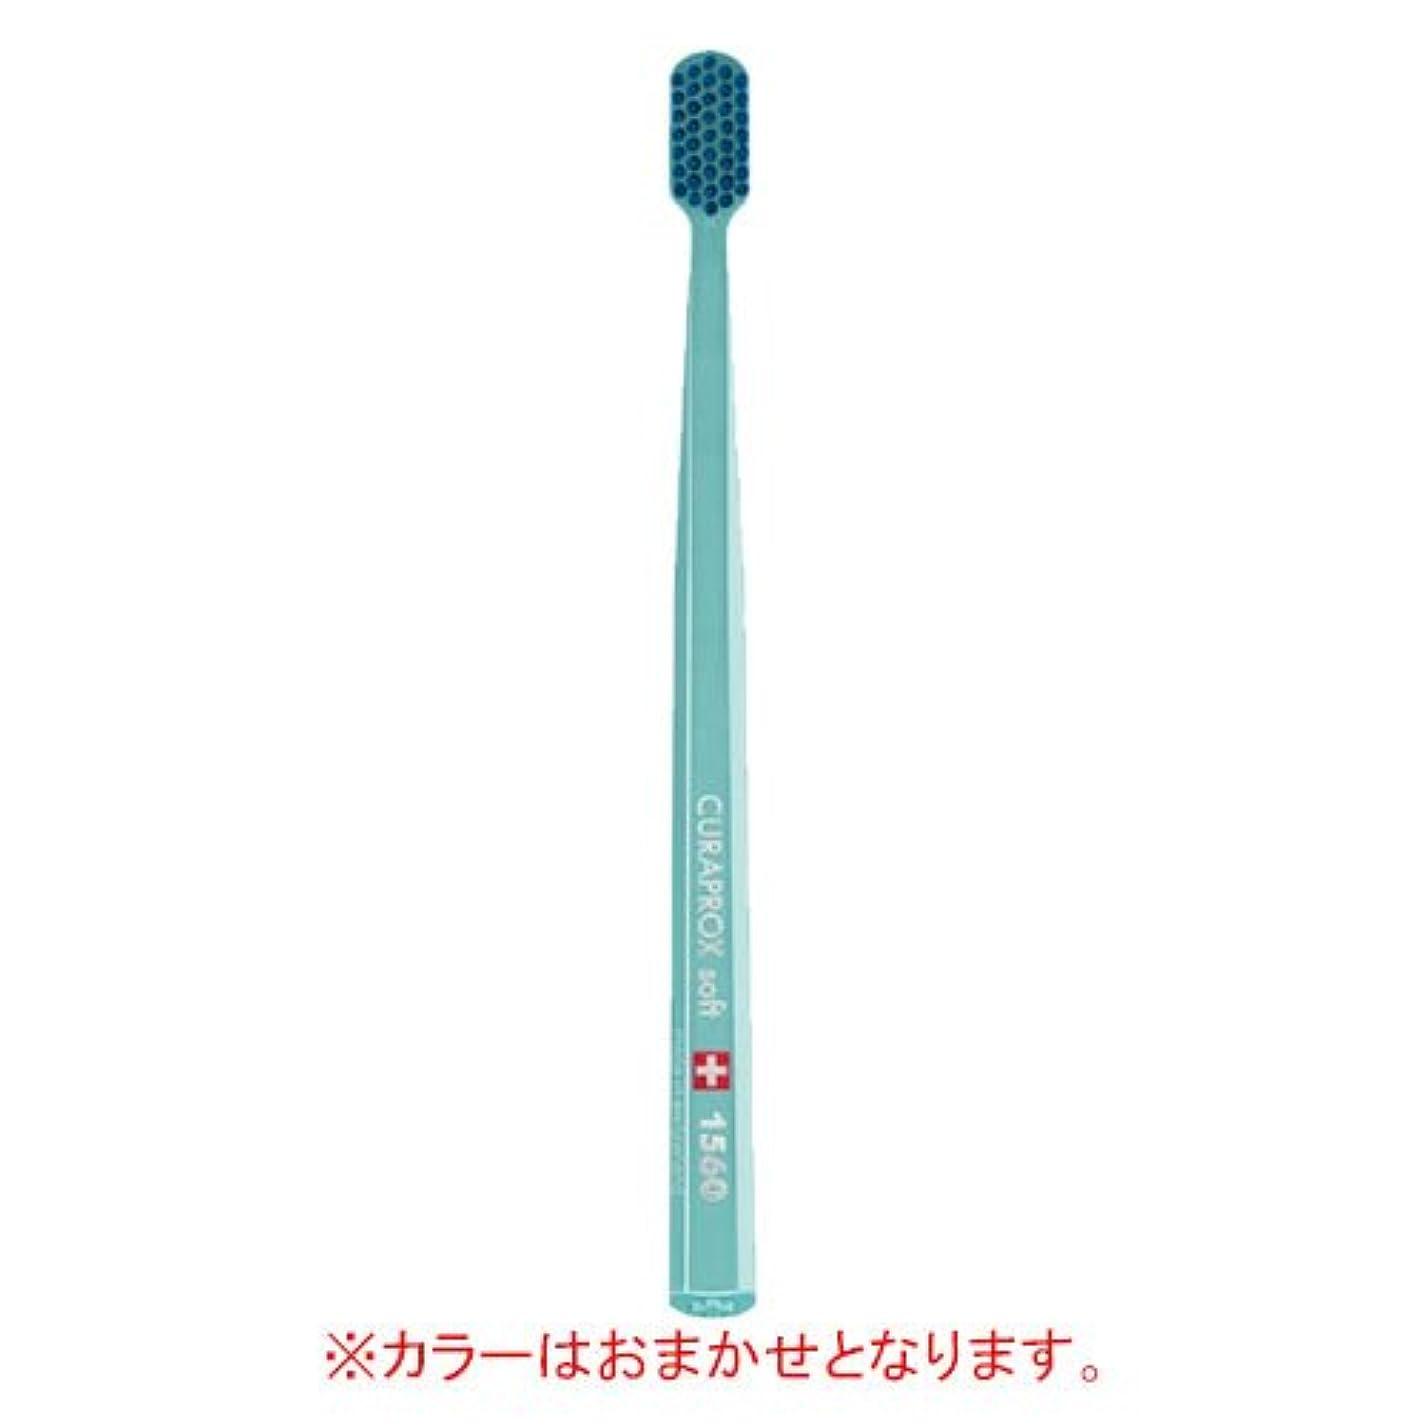 特別な故国スラム街キュラプロックス Curaprox 超極細毛歯ブラシ ソフト CS1560 1本